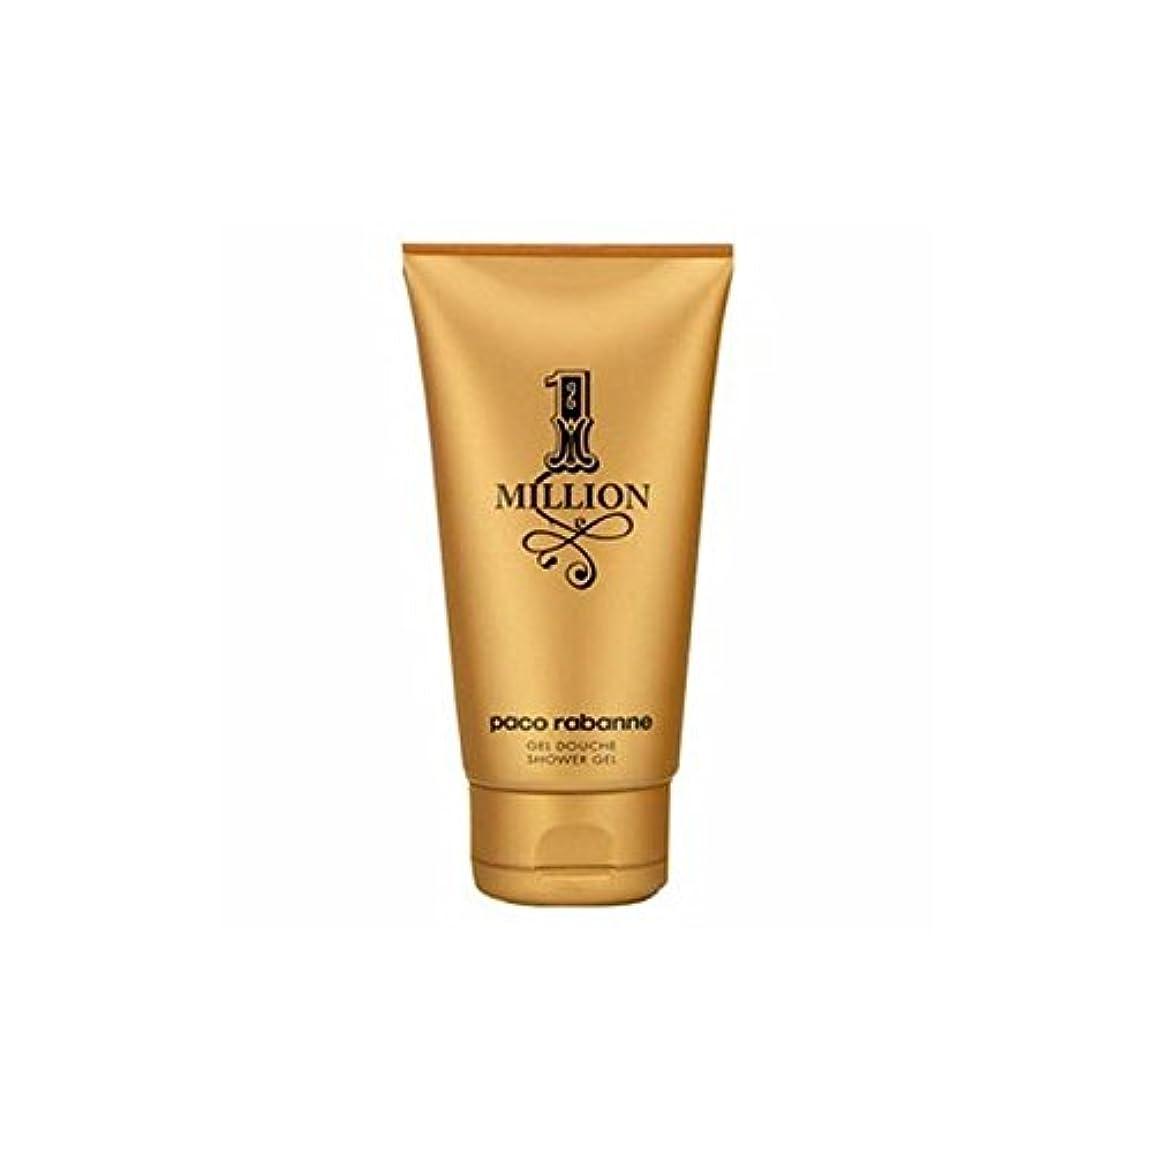 上記の頭と肩予測物理的に[Paco Rabanne ] 男性のためのパコ?ラバンヌの100万シャワージェル - 150ミリリットル - Paco Rabanne 1 Million Shower gel for Men - 150ml [並行輸入品]